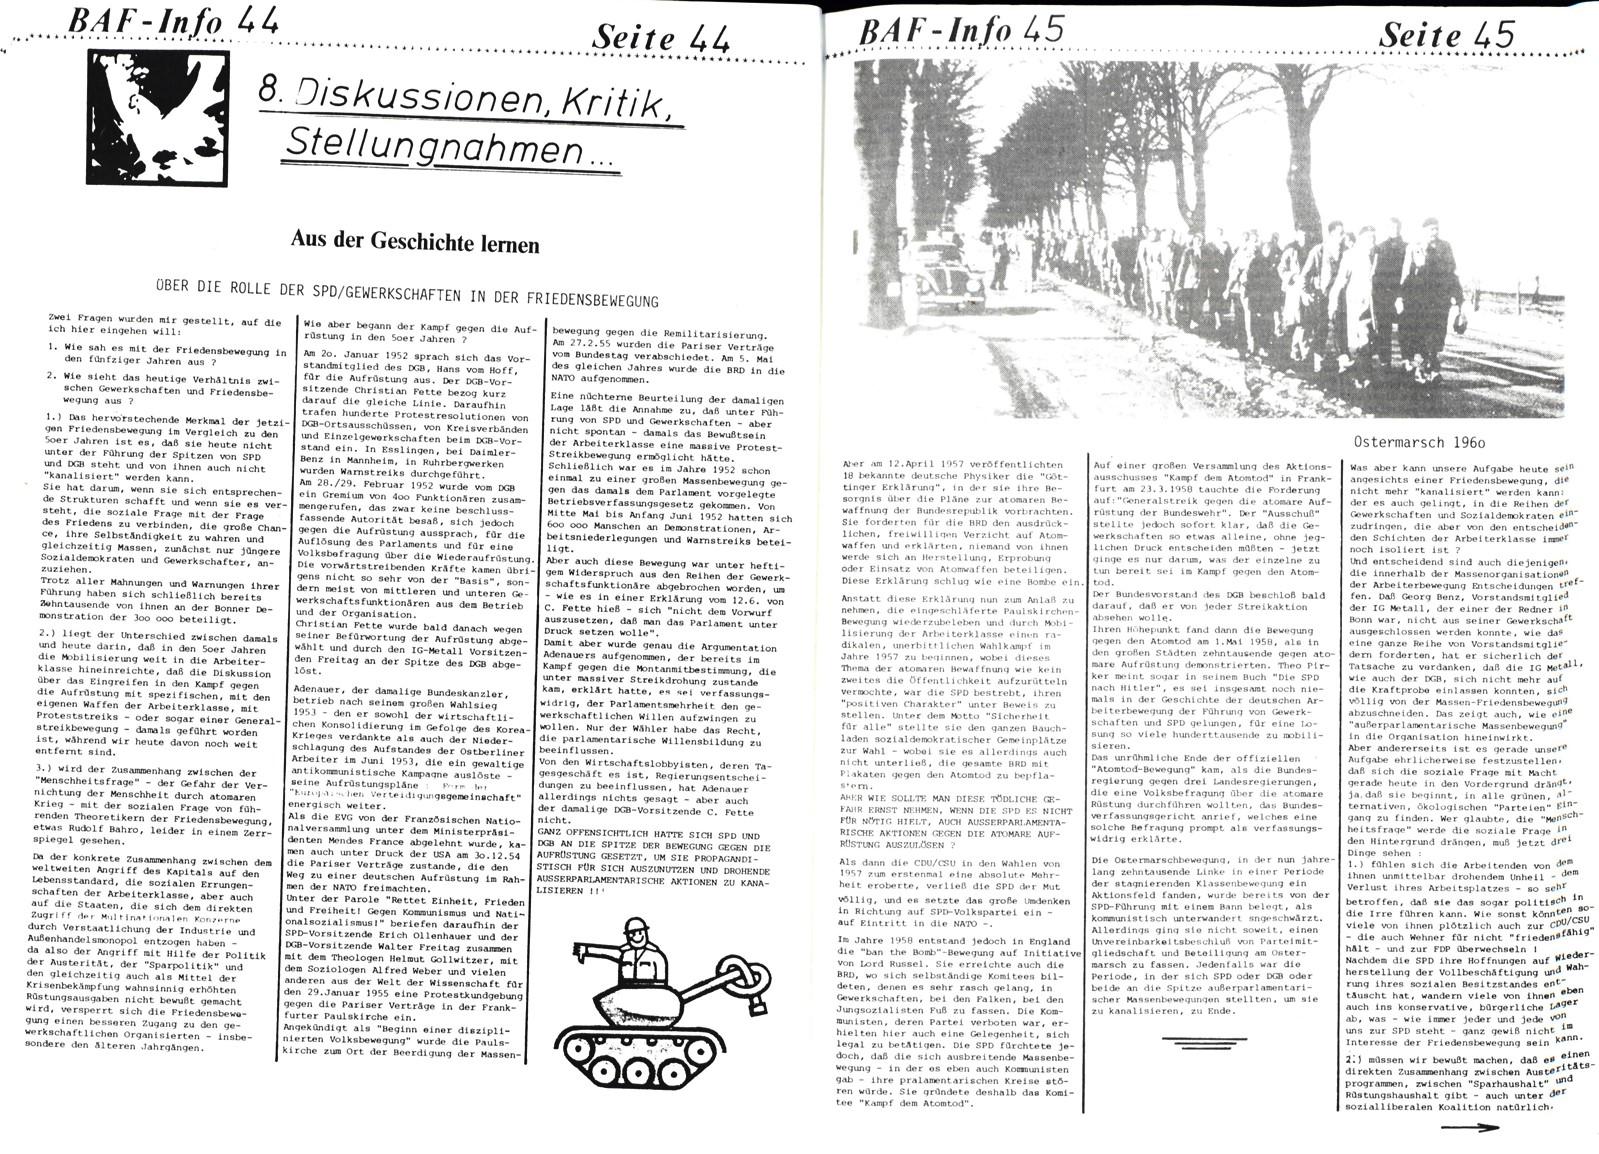 BAF_Info_03_19830600_23